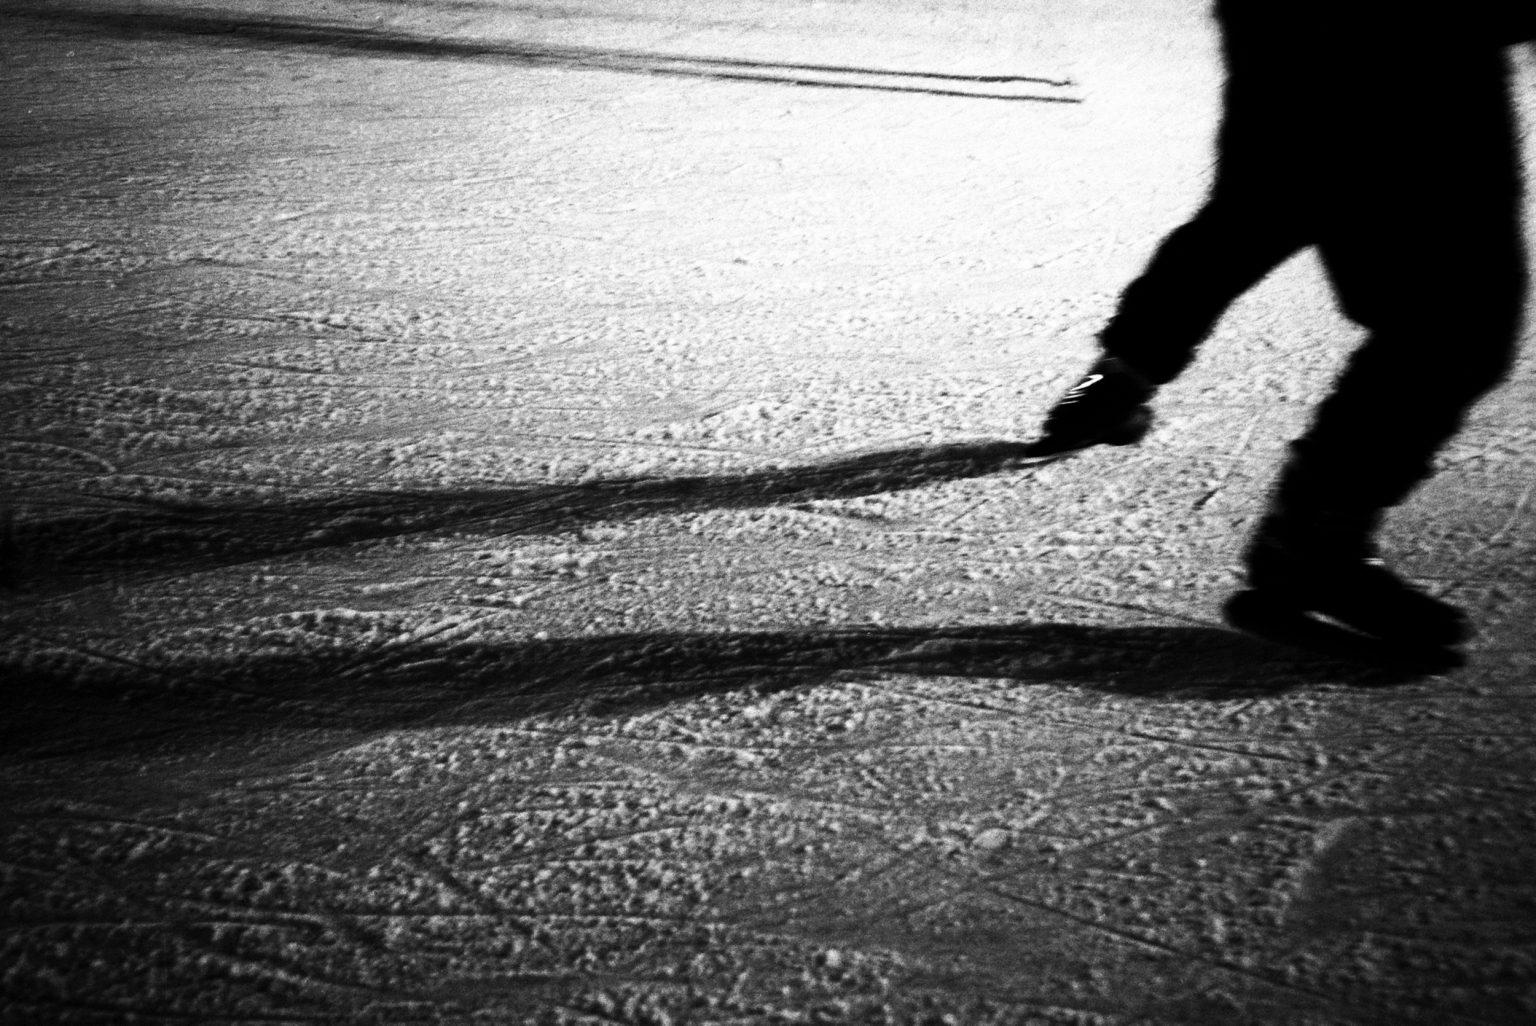 """Rome, 2007- """"Rome Diary"""" ( Rome 2007-2020)  is a long-term research that documents the city of Rome through stories of places and people. An investigation into different worlds, in a society where relationships, loneliness, abuse, love, nightlife, music and artists are explored, and finally the relationship between people and the city.Ice skating in a sport center of Rome. .>< Rome, 2007 -Rome Diary Rome (2007-2020) è una ricerca a lungo termine che documenta la città di Roma attraverso storie di luoghi e  di persone. Un'indagine in mondi diversi, in una società in cui si esplorano le relazioni, la solitudine, gli abusi, l'amore, la vita notturna , la musica e gli artisti, ed infine il rapporto tra persone e città. Pattinaggio sul ghiaccio in un centro sportivo di Roma."""